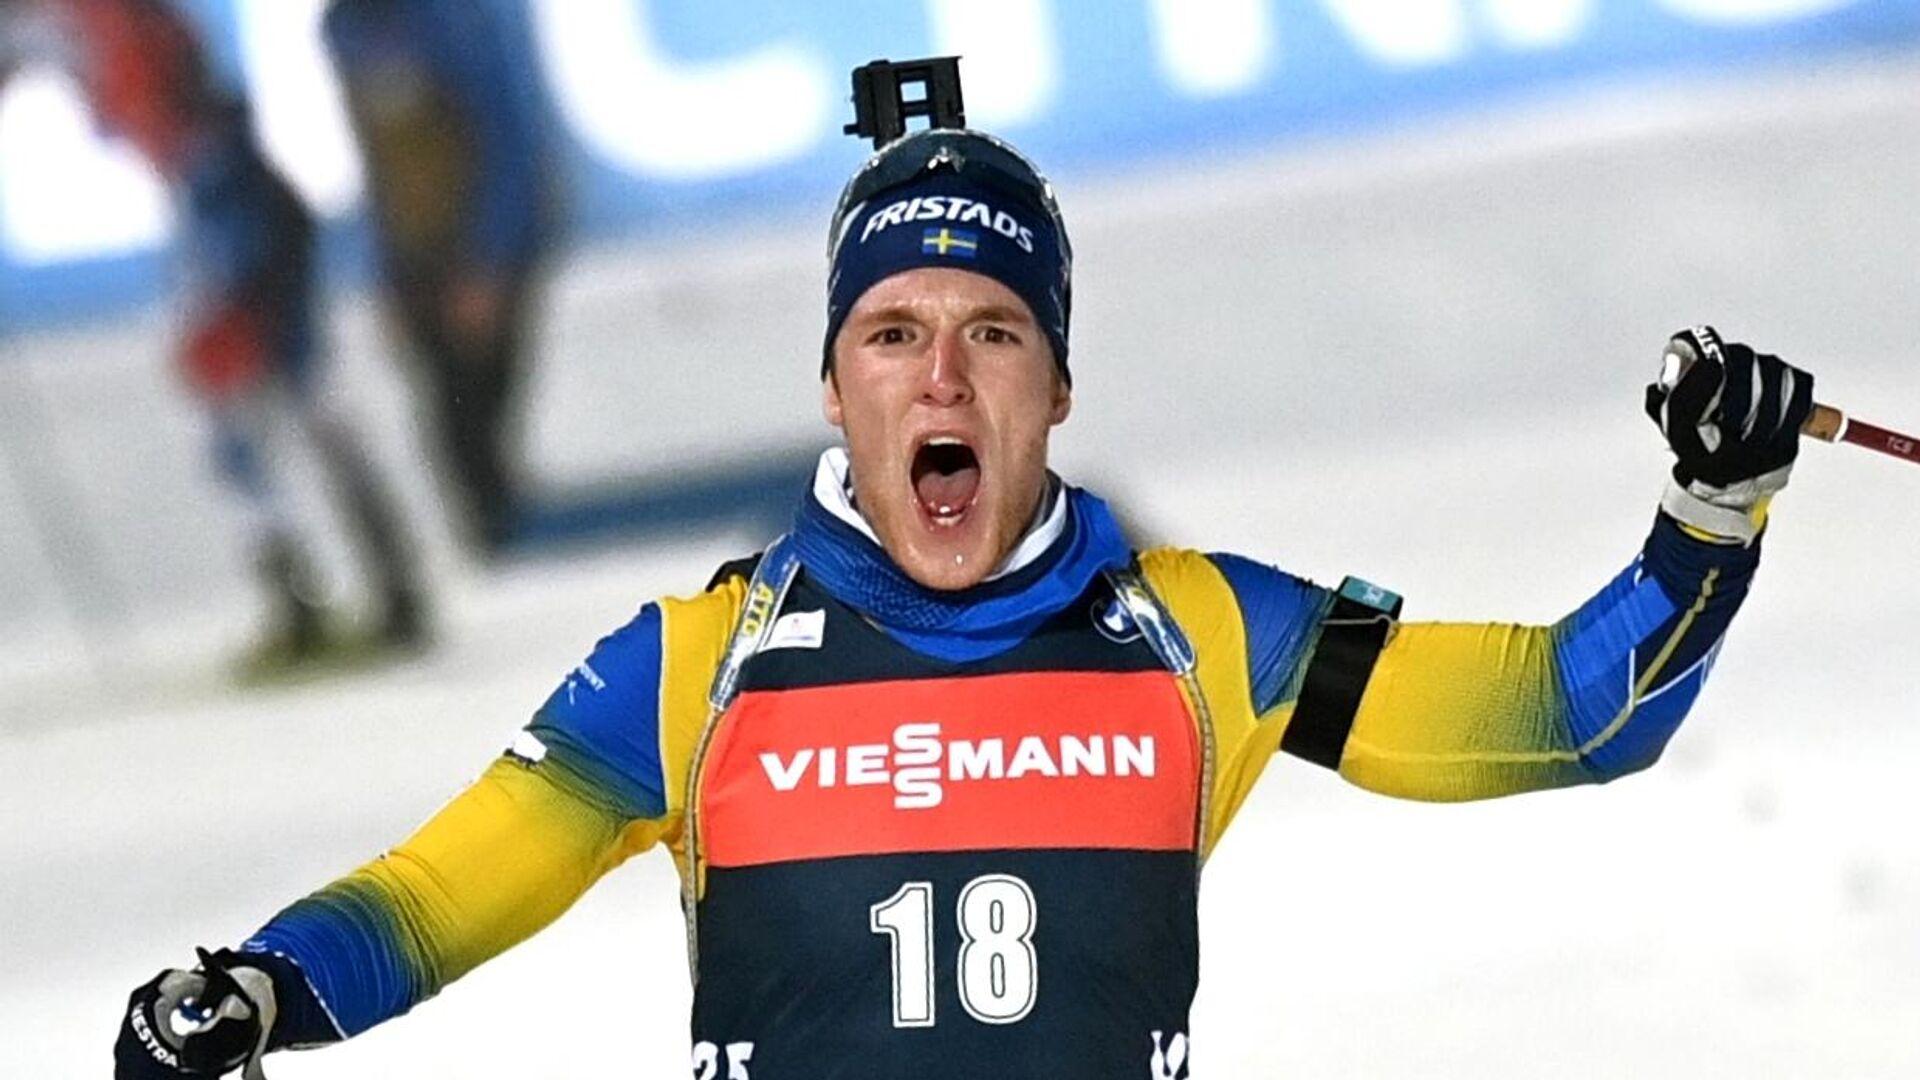 Себастиан Самуэльссон (Швеция) на финише гонки преследования среди мужчин на II этапе Кубка мира по биатлону сезона 2020/21 в финском Контиолахти.  - РИА Новости, 1920, 11.02.2021